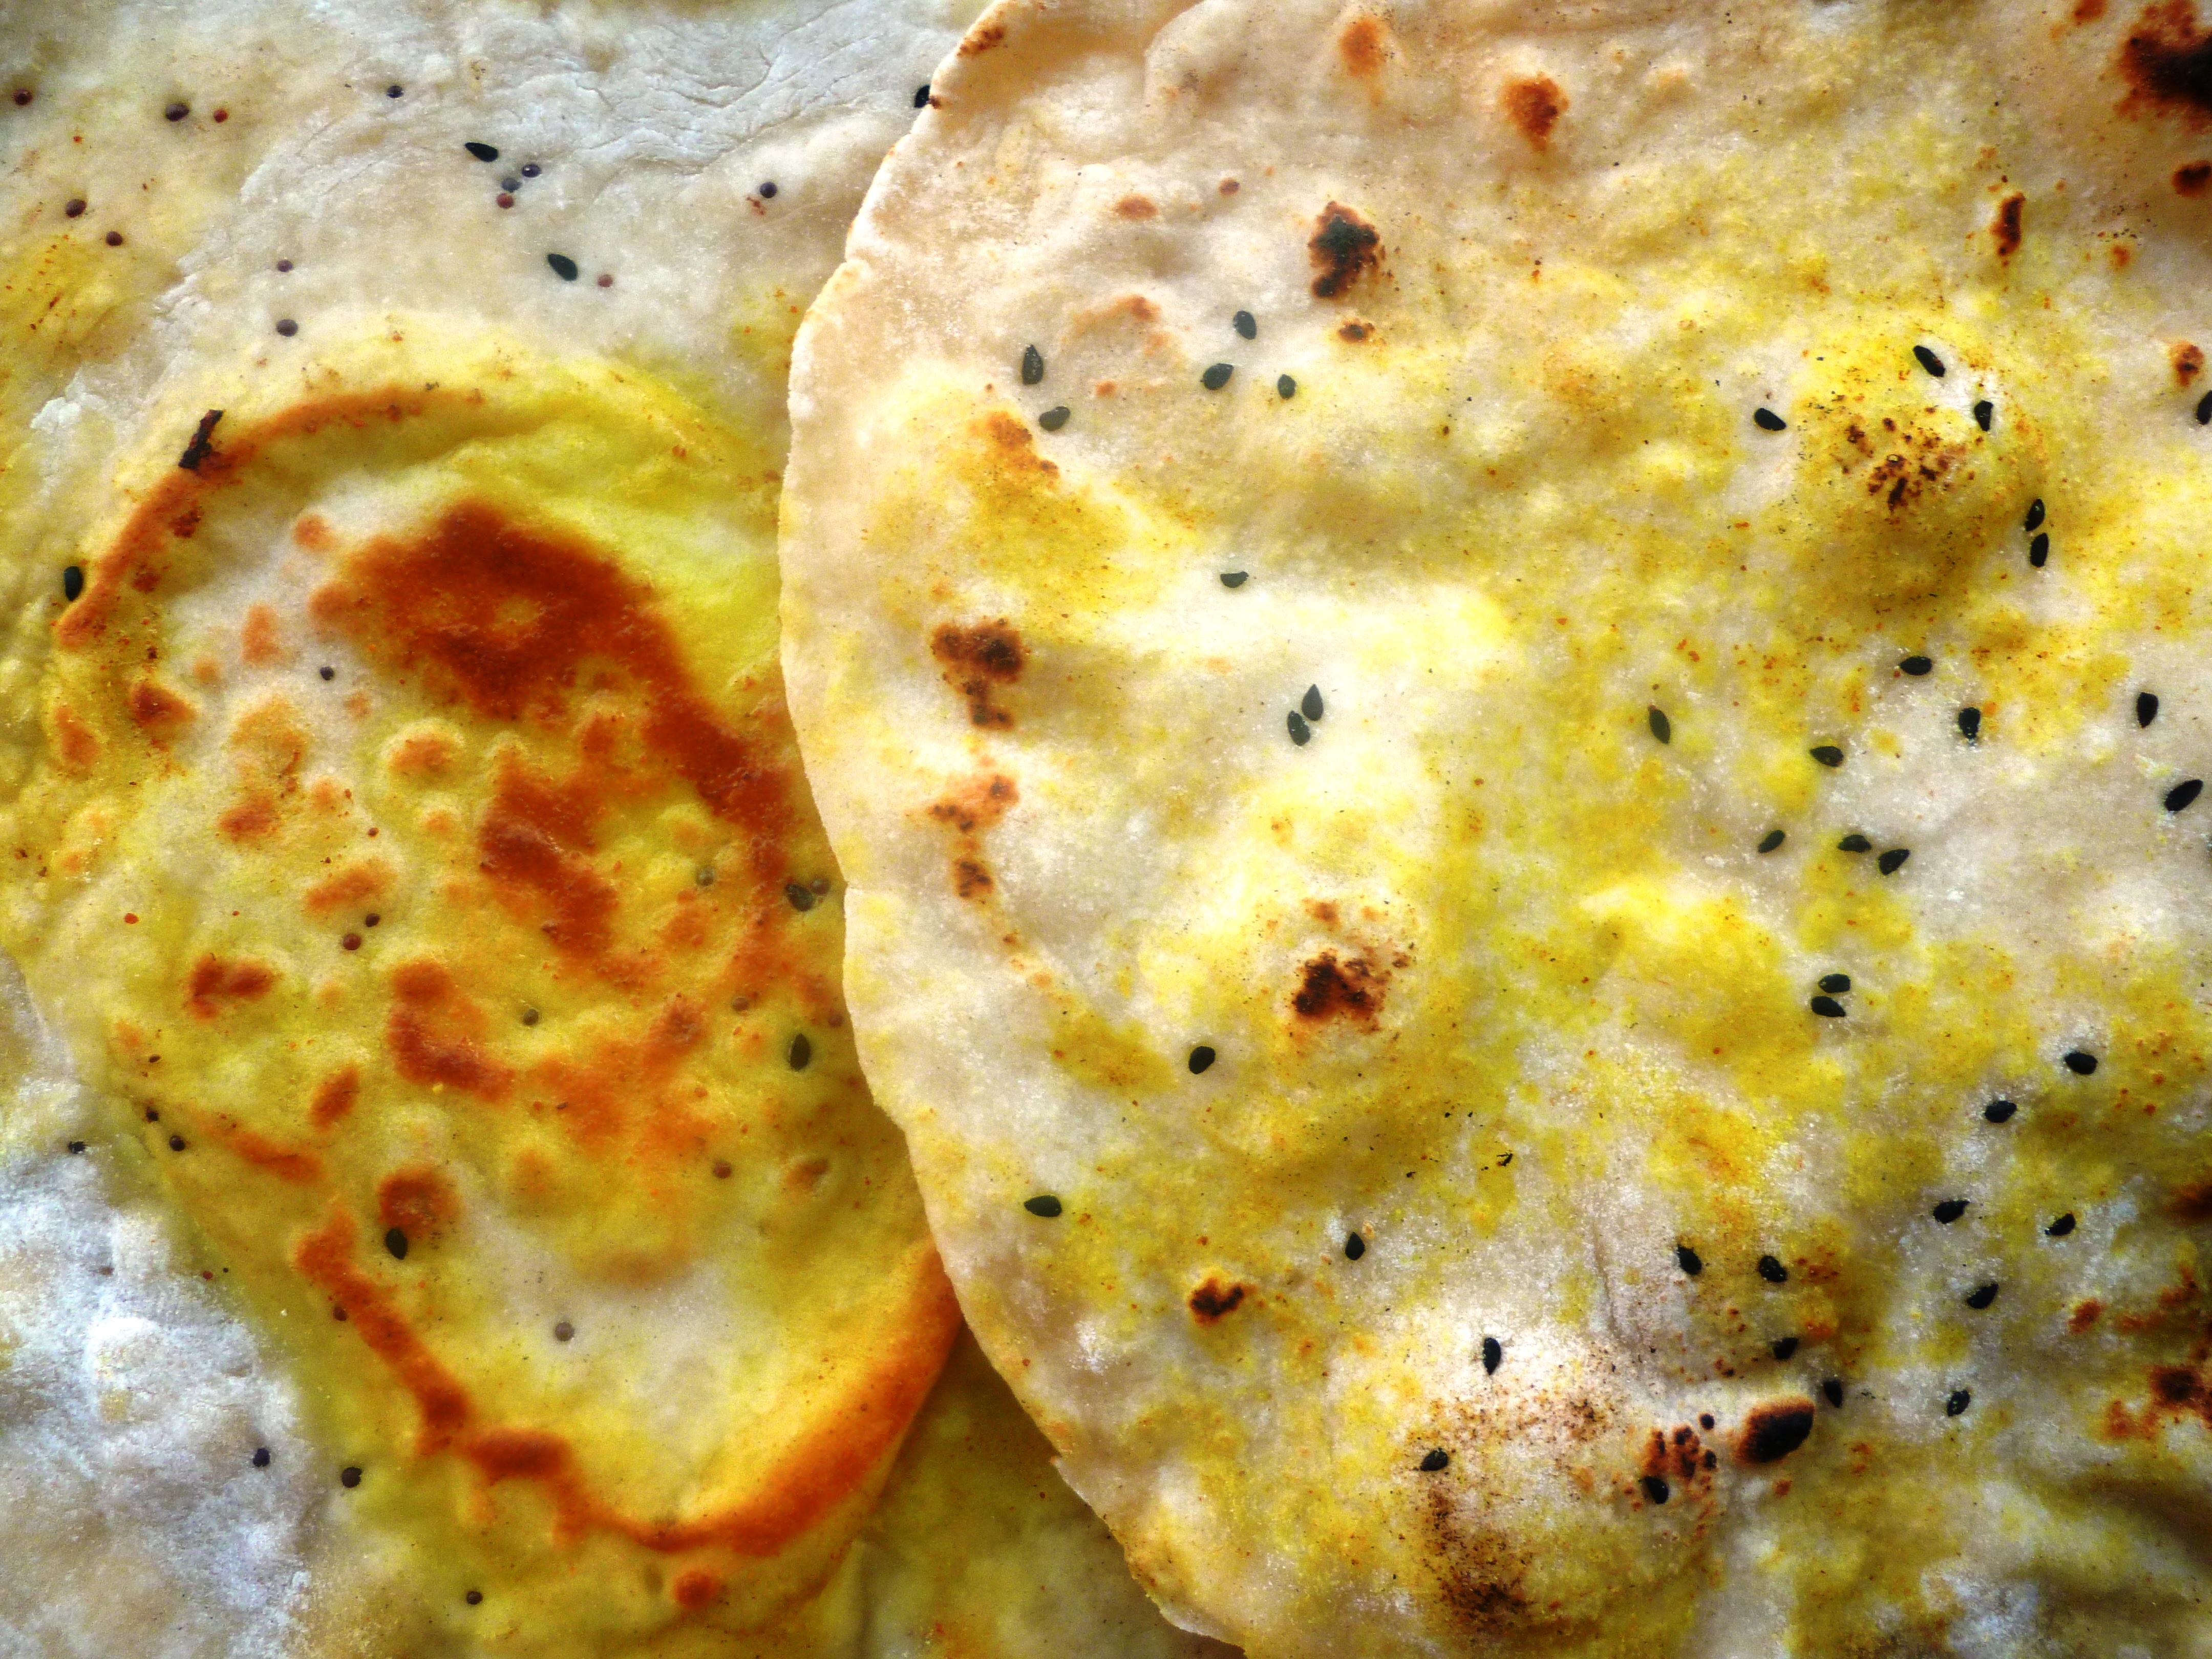 دافئ عبادة وسط المدينة طريقة عمل الخبز الهندي المقلي Ffigh Org